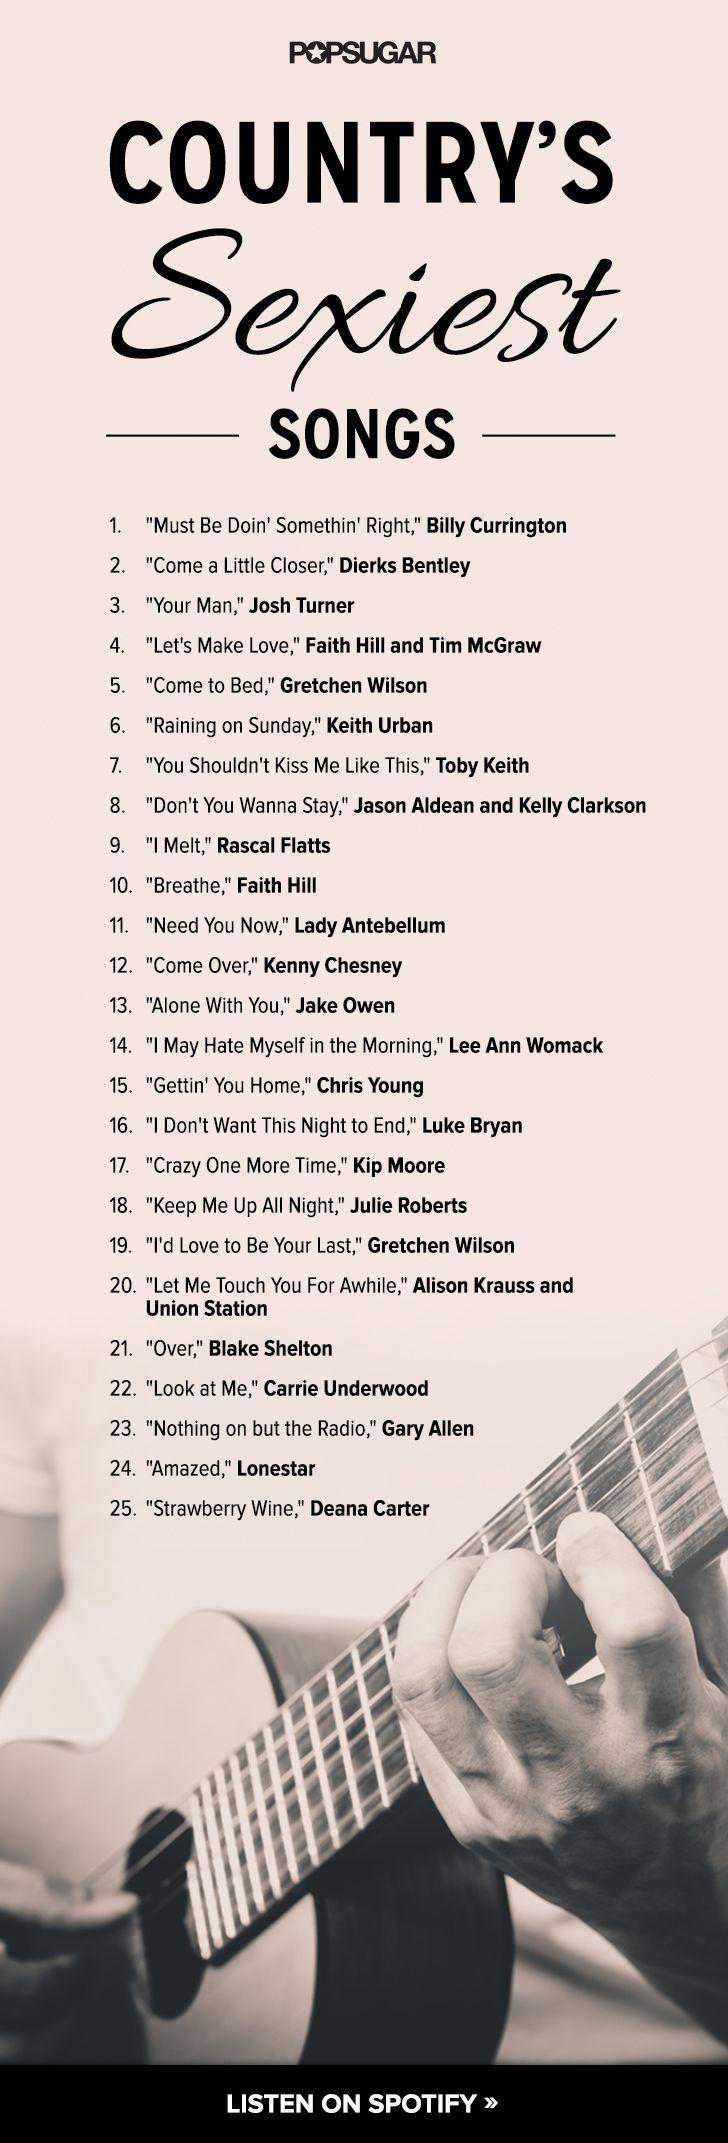 ραντεβού τραγούδια στίχους Dating στην πόλη Φιλιππίνες Cebu City